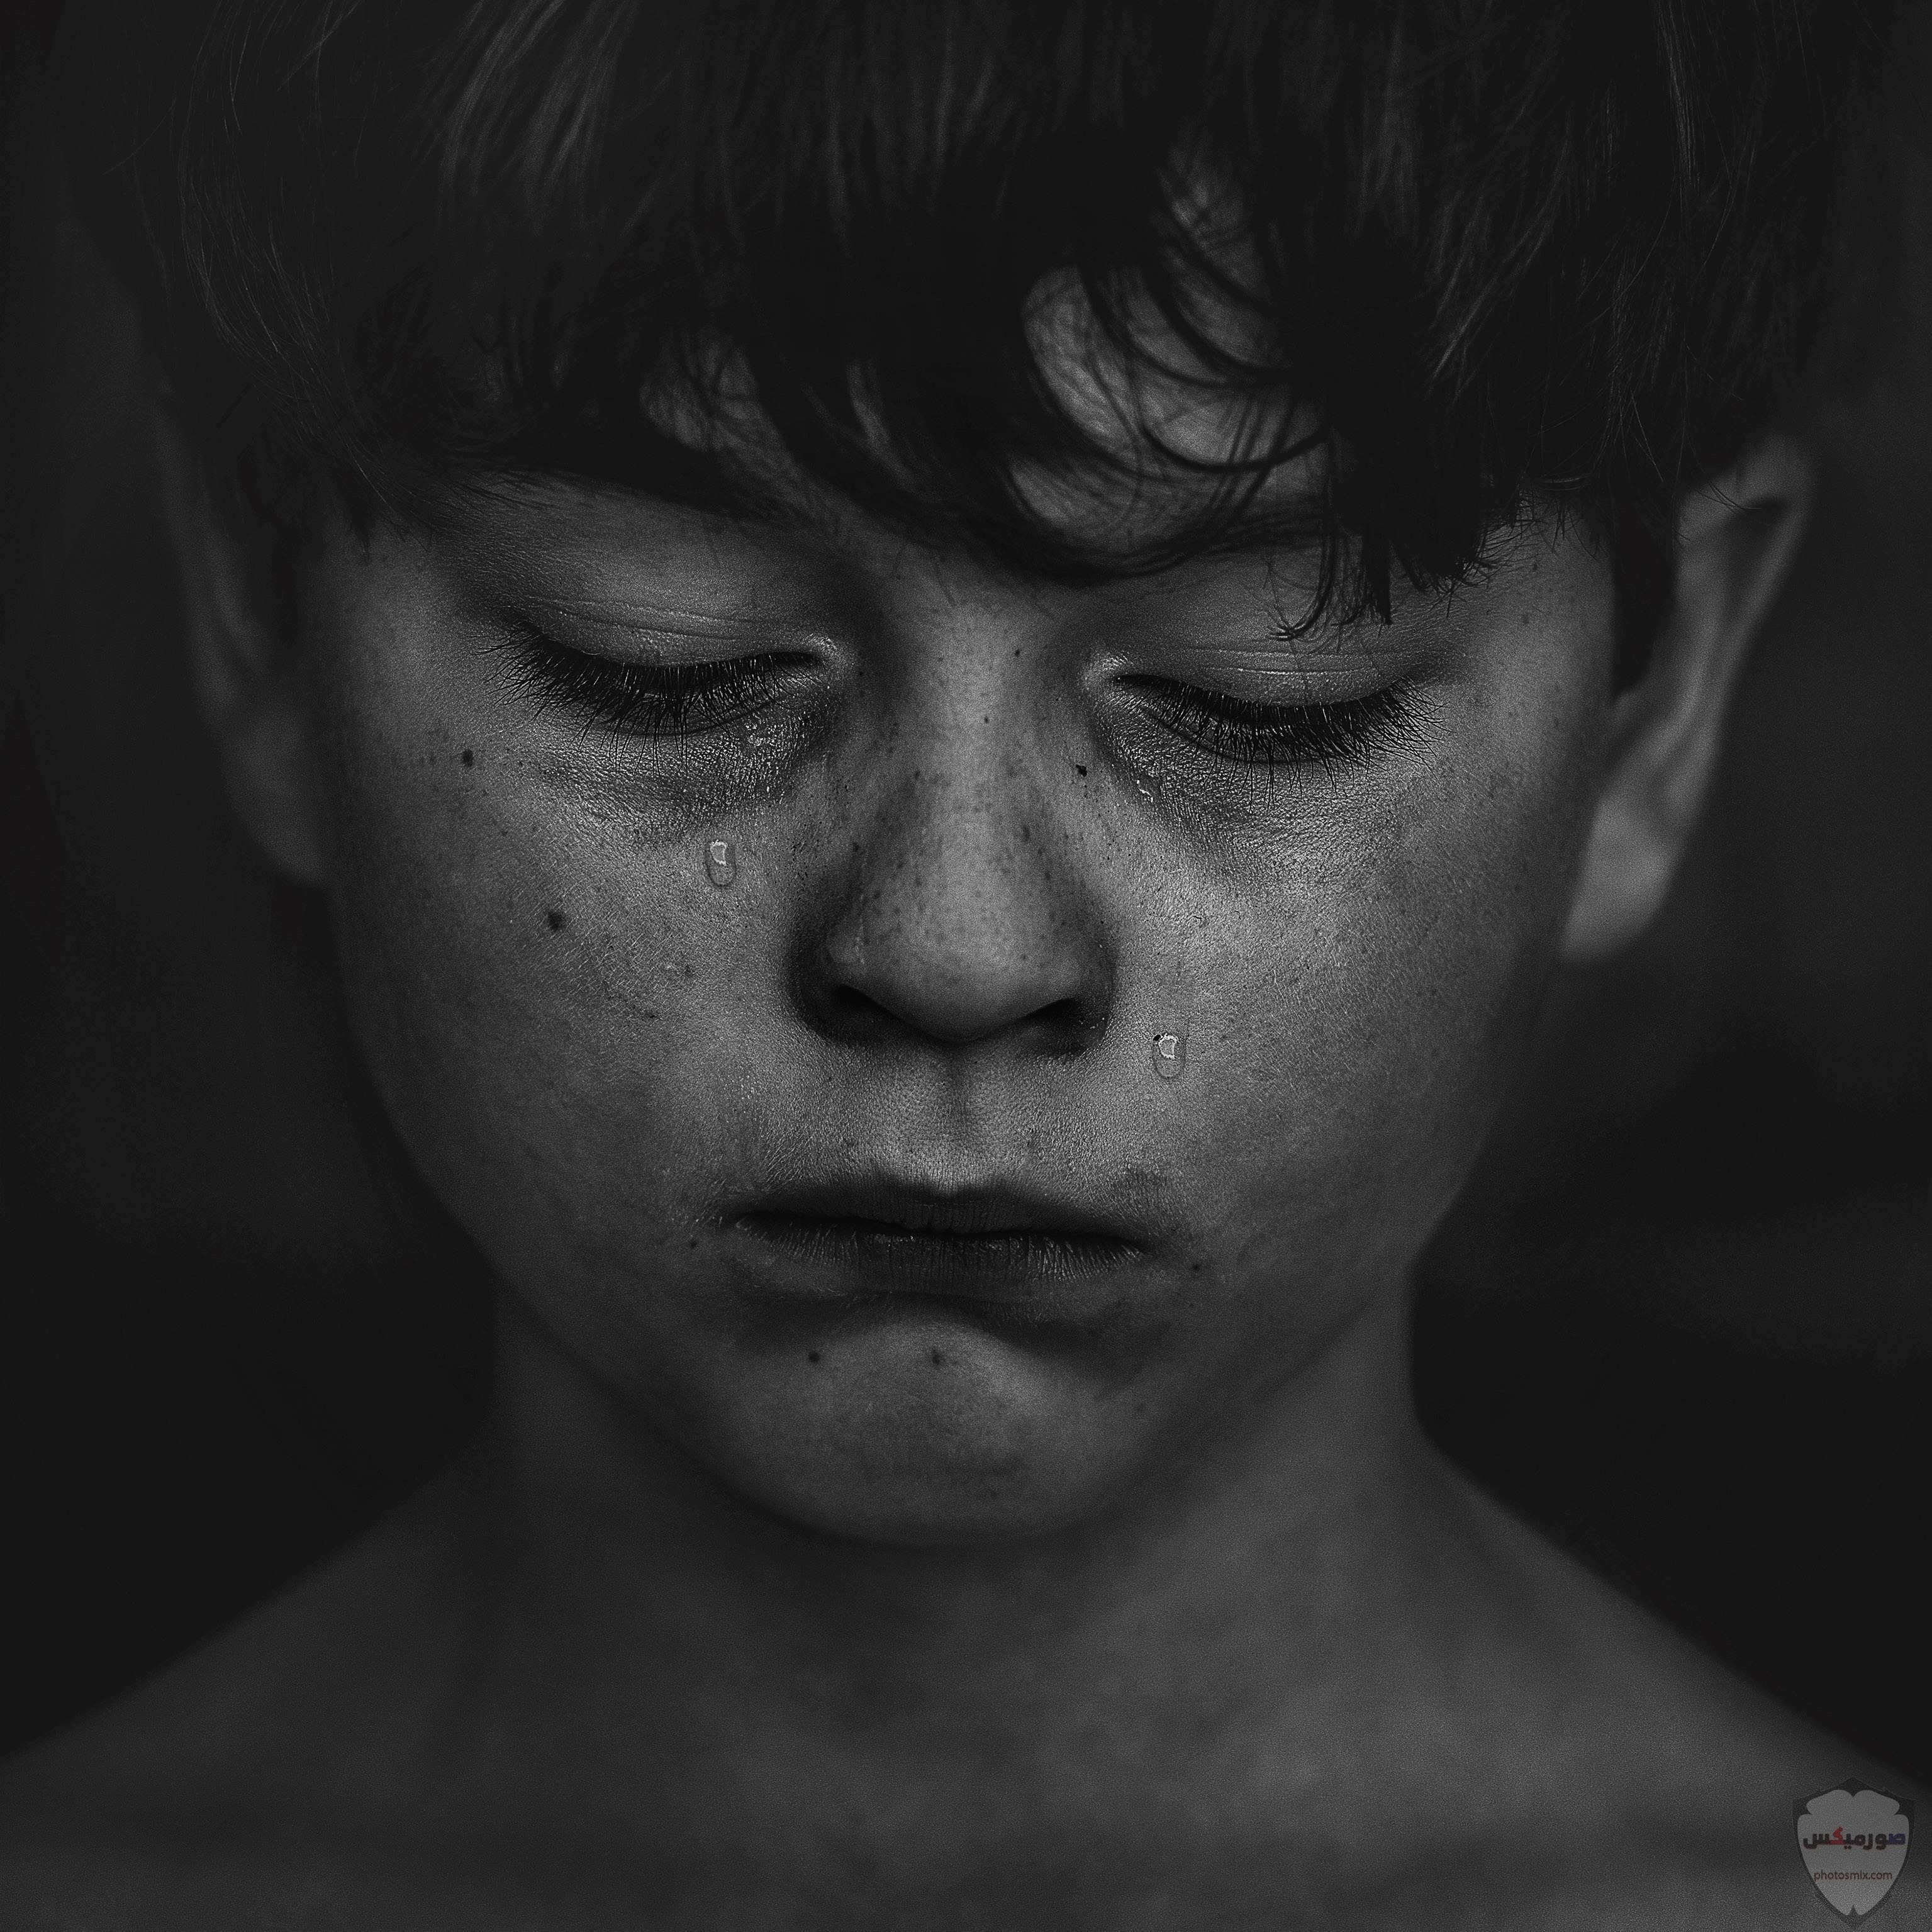 صور حزن جديدة 2020، صور دموع ، عبارات حزينة ، صور زعل مكتوب عليها كلام حزين 10